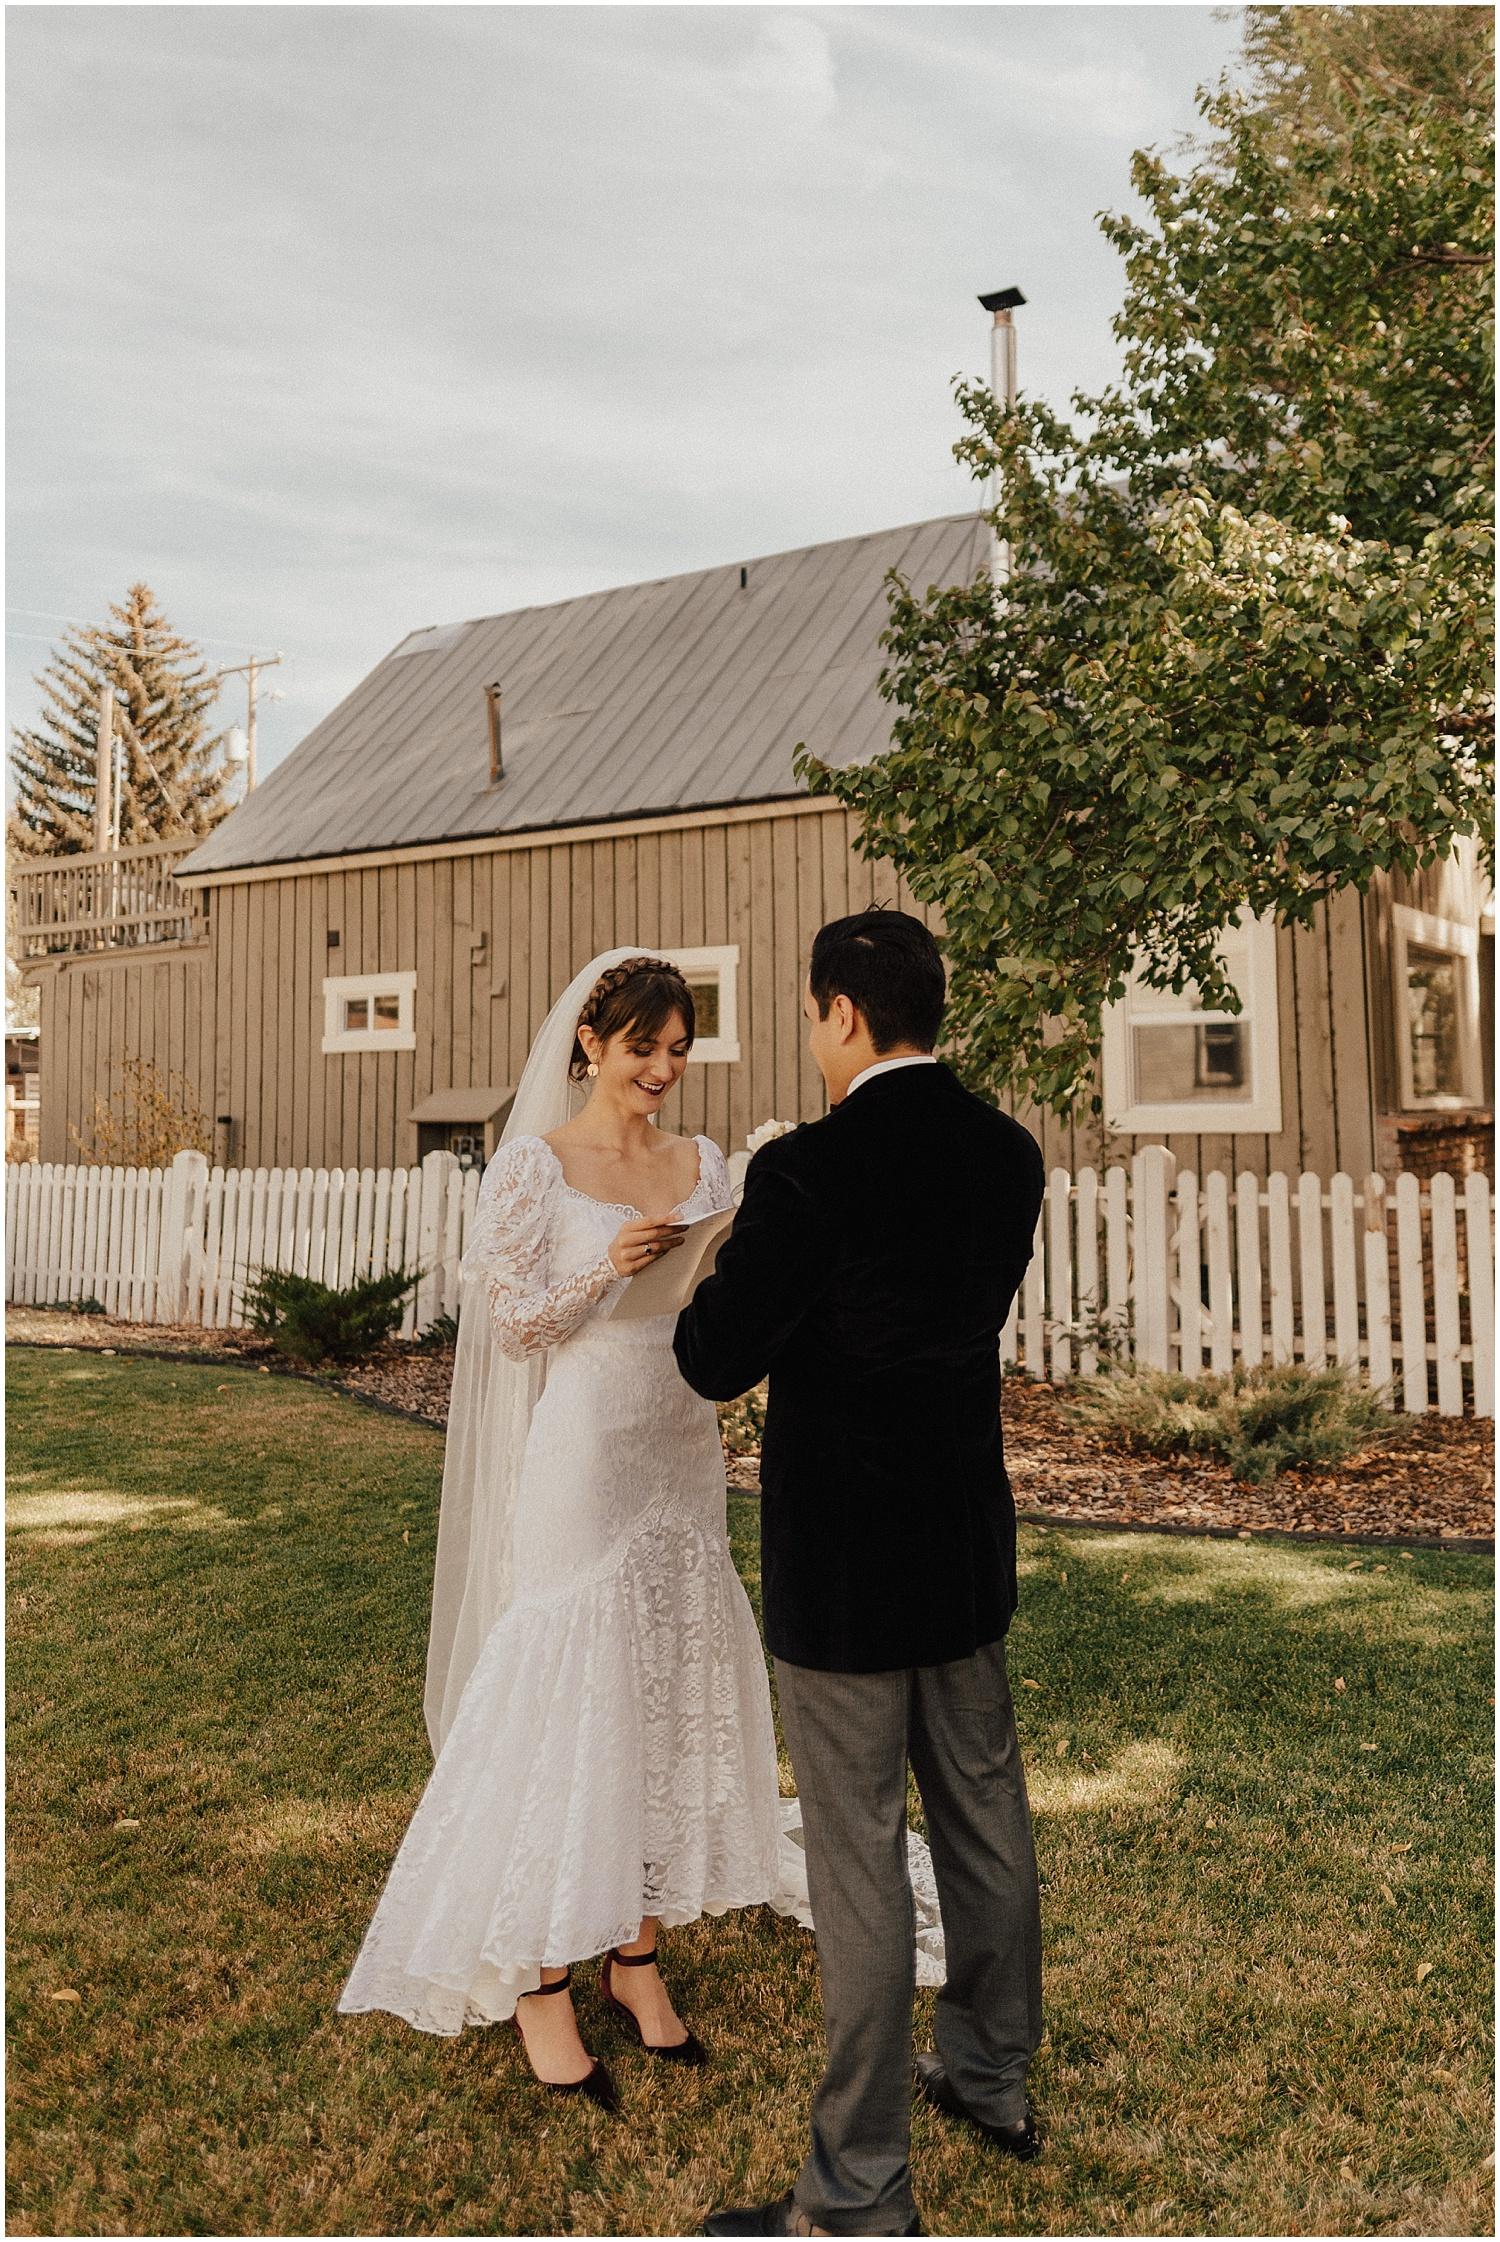 church-wedding-industrial-reception-sunvalley-idaho45.jpg